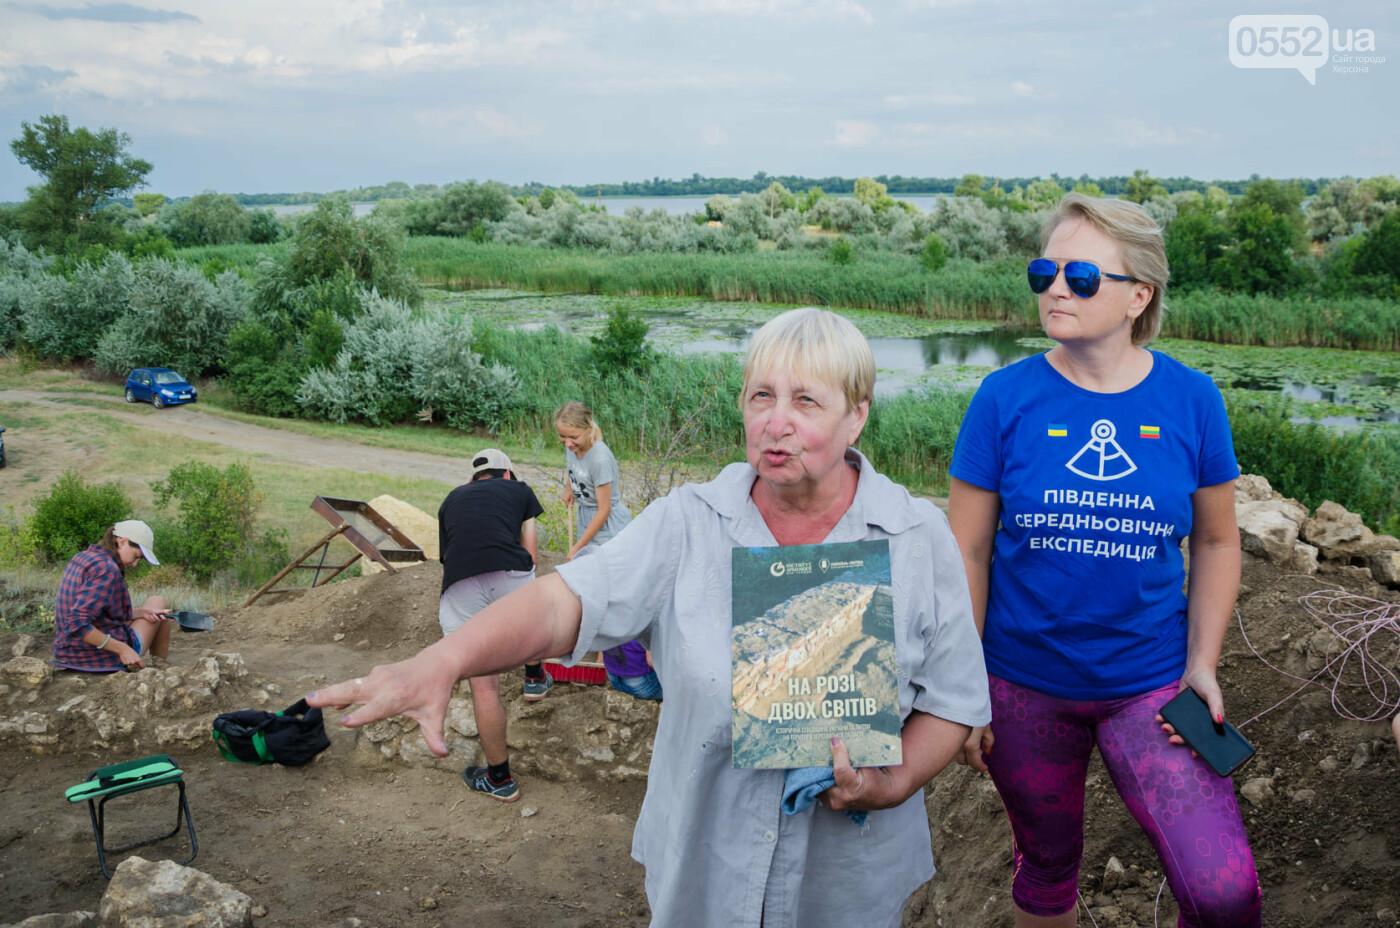 Раскопки в Тягине: найдены остатки стены и фигурный камень, фото-1